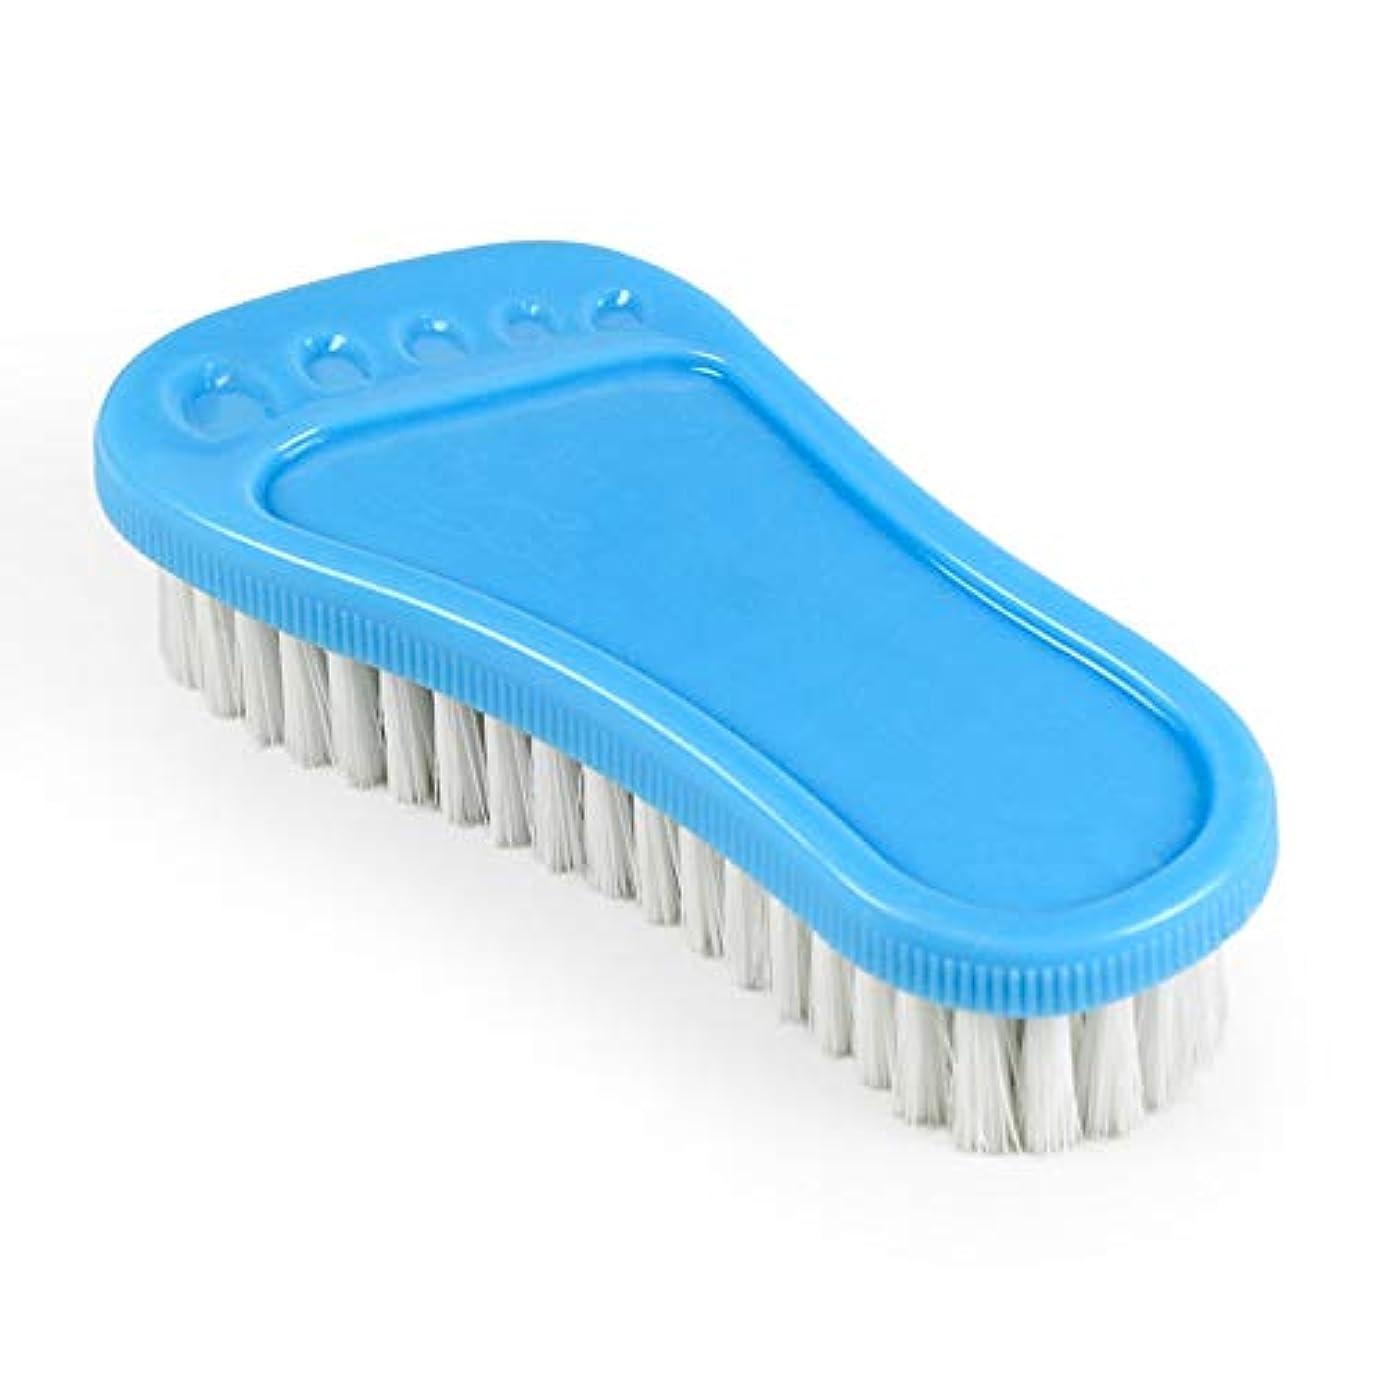 スリット自我ディレクターポアクリーニング 小さな足首プラスチックの柔らかい髪多目的靴のブラシ洗面器のブラシのクリーニングブラシバスのブラシ2 PCS マッサージブラシ